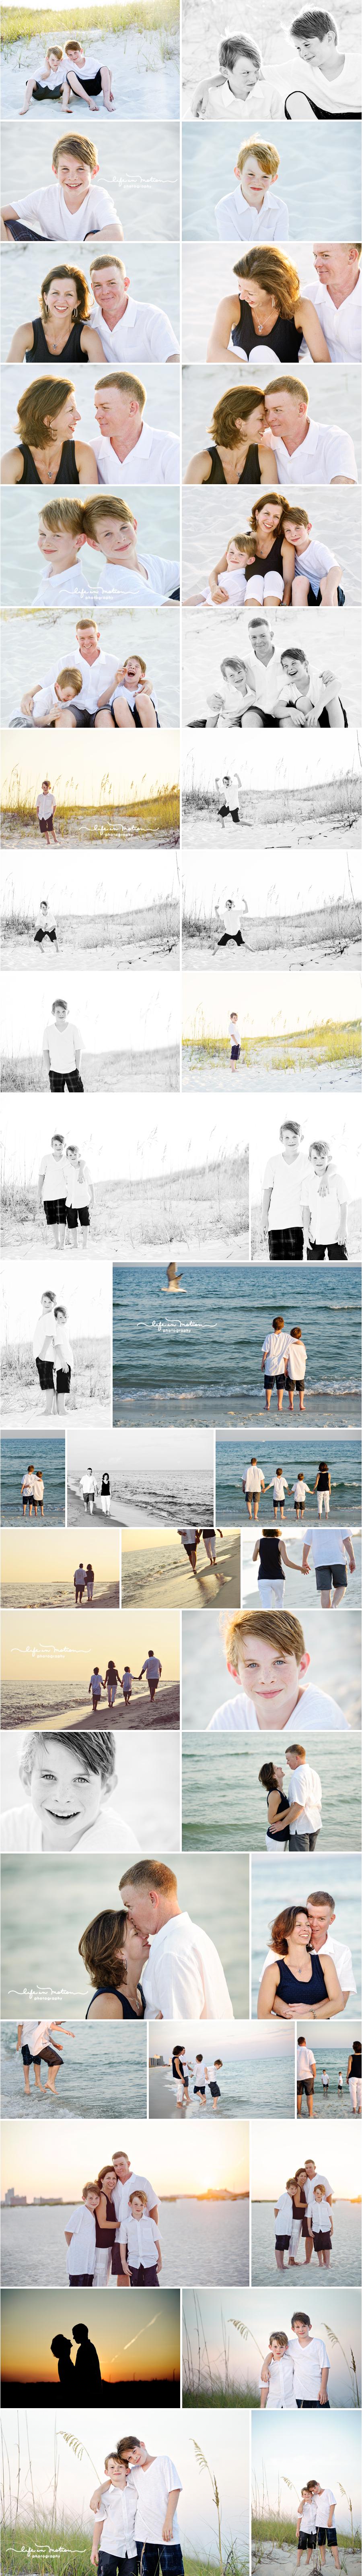 family_photographer_alabama_beach